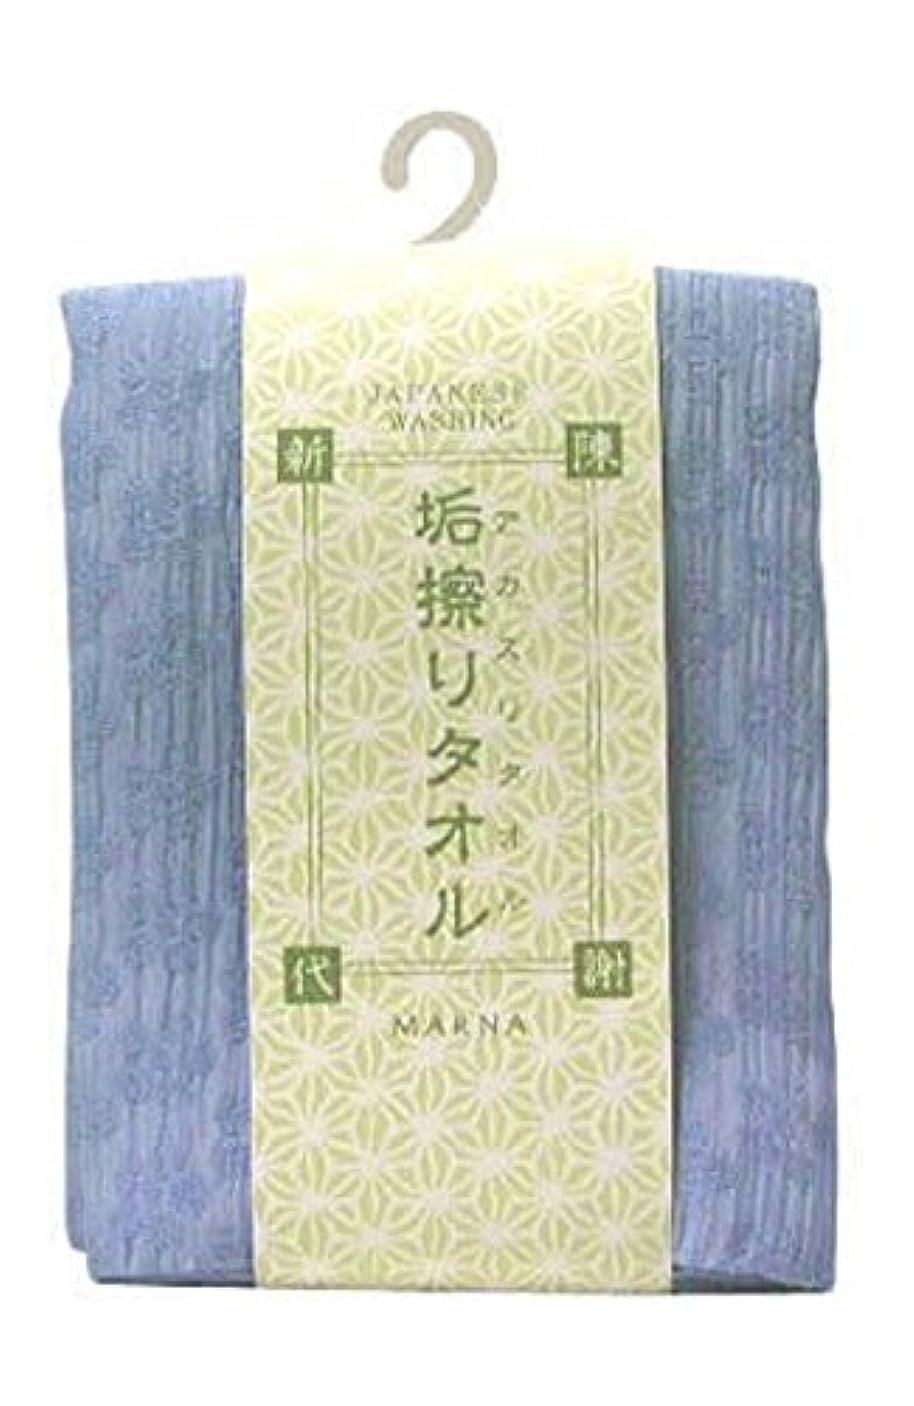 入場ナプキンそれるマーナ 垢擦りタオル ブルー B431B